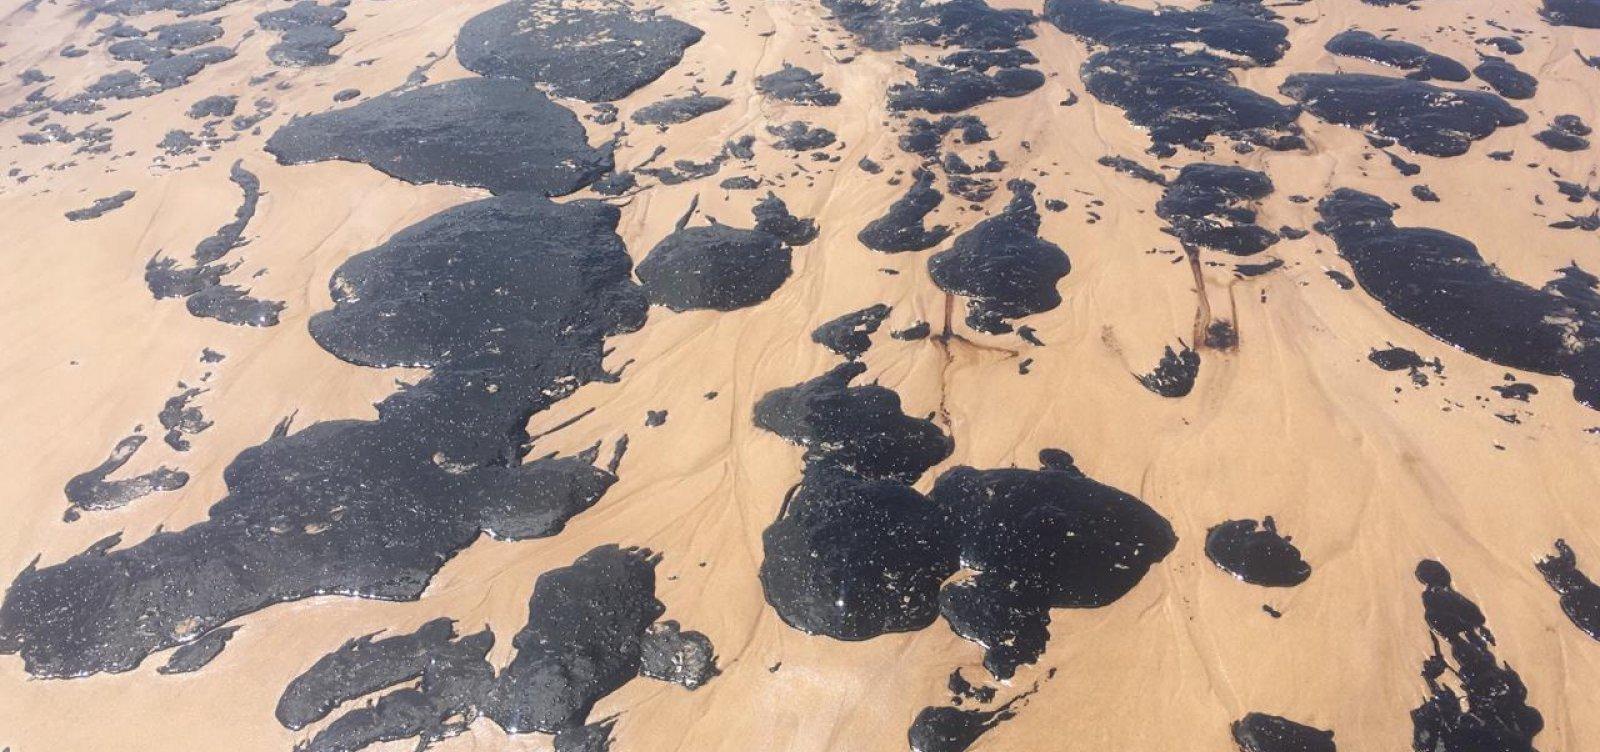 Marinha afirma que não há mais óleo em praias do Nordeste, apenas 'pelotas' no mar